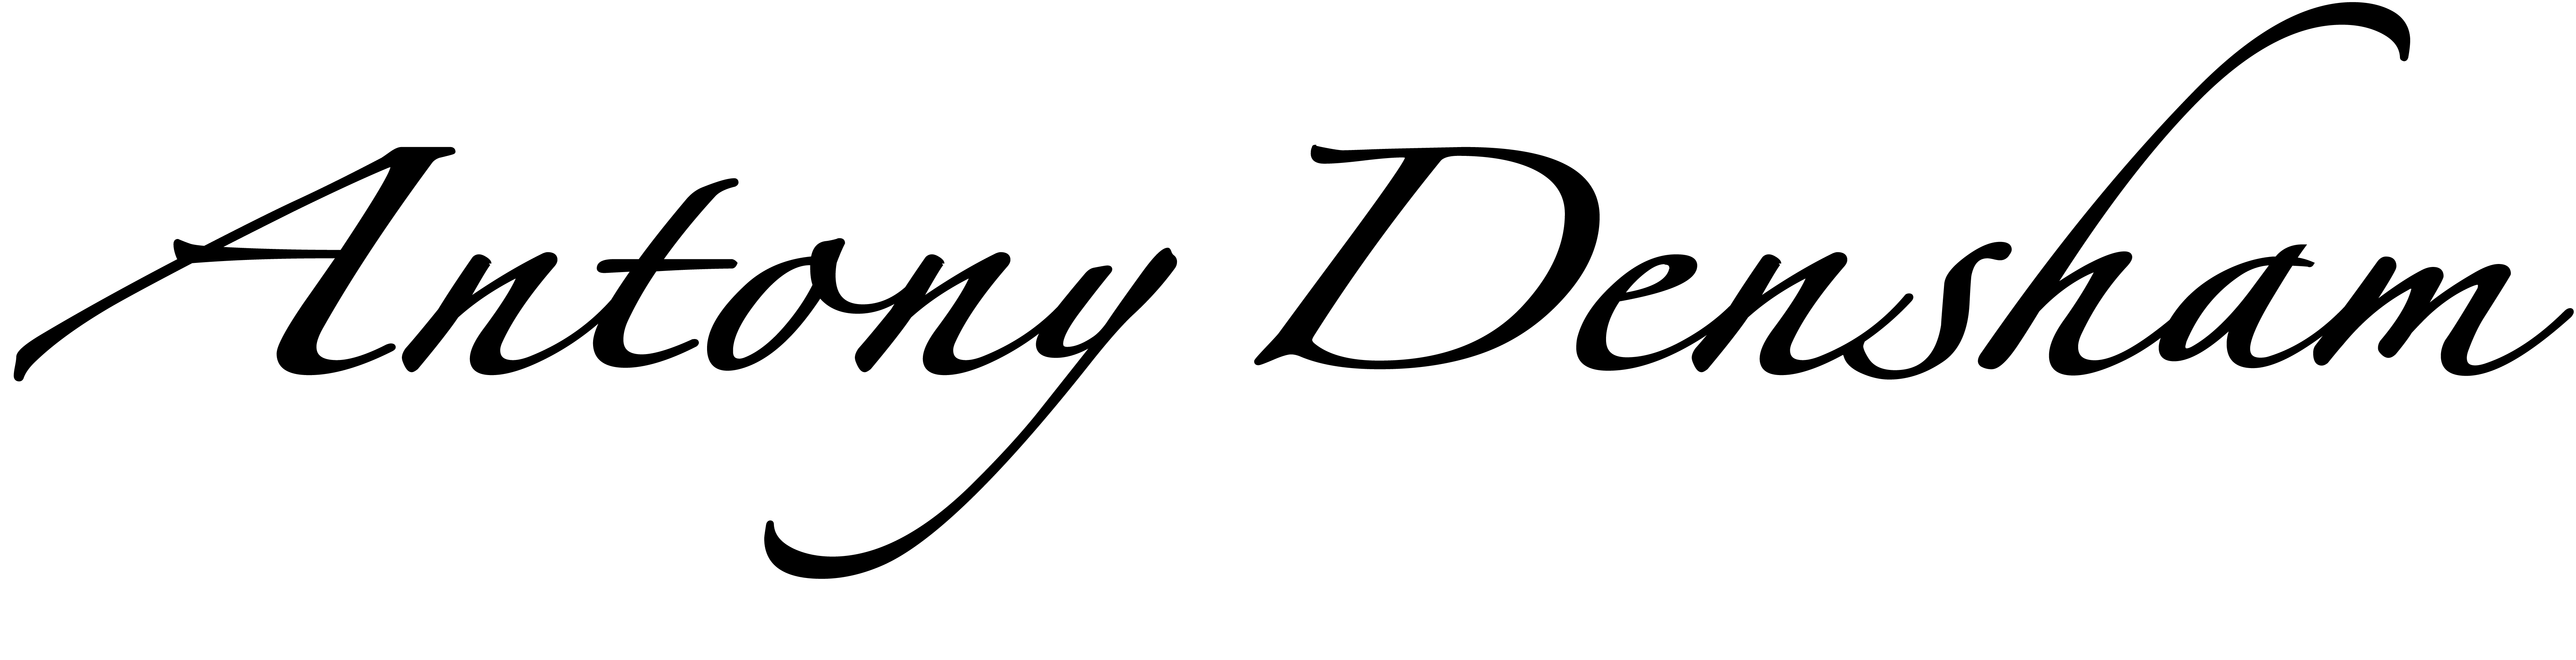 Antony Densham's Signature